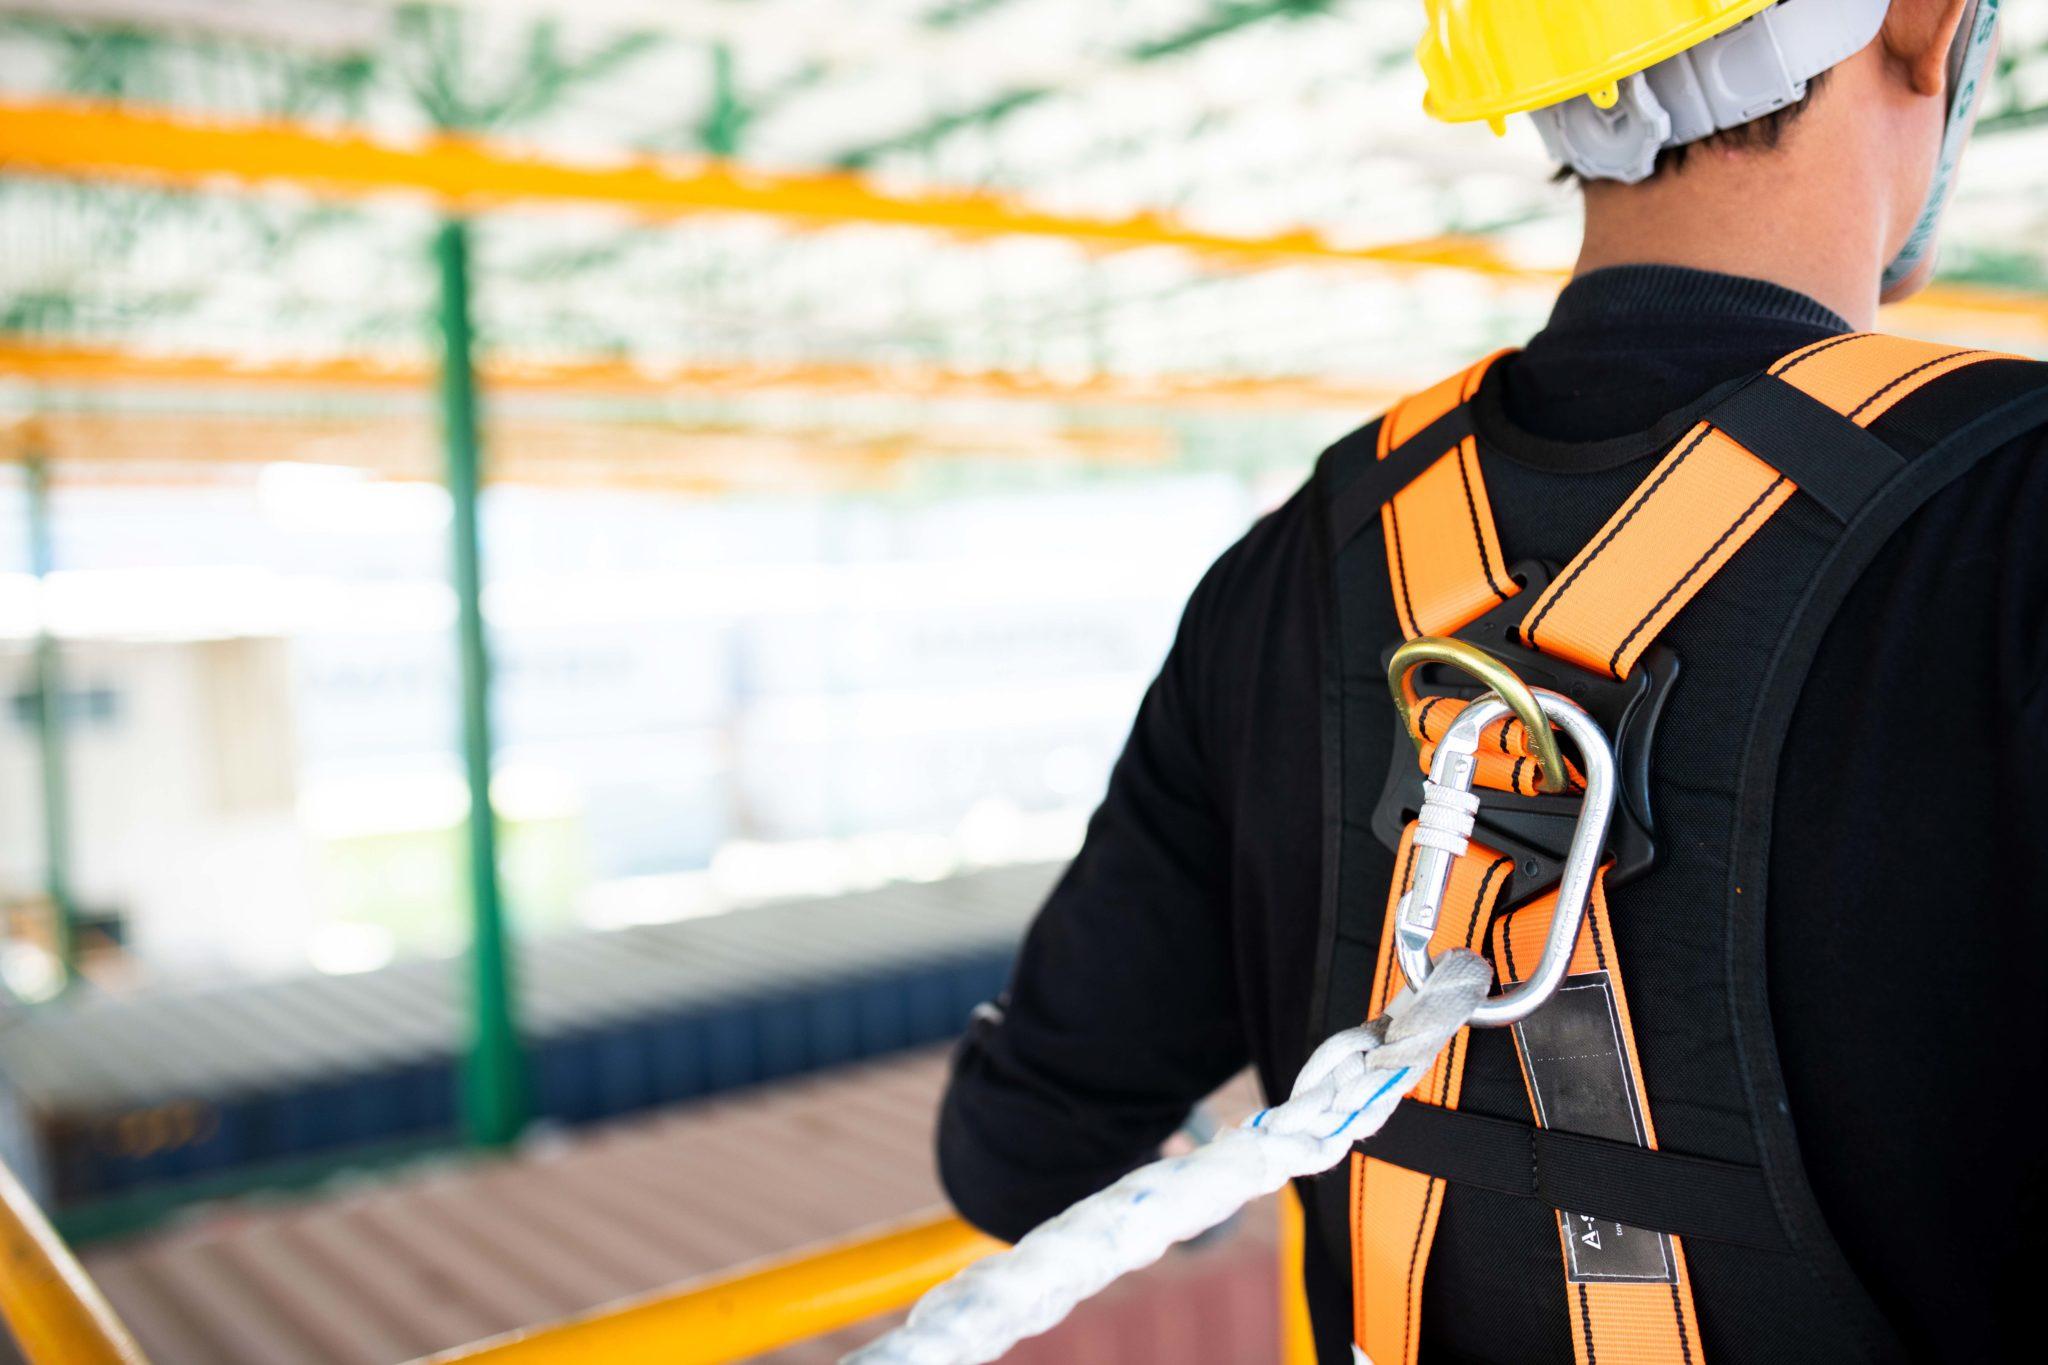 medidas de seguridad arnes obra